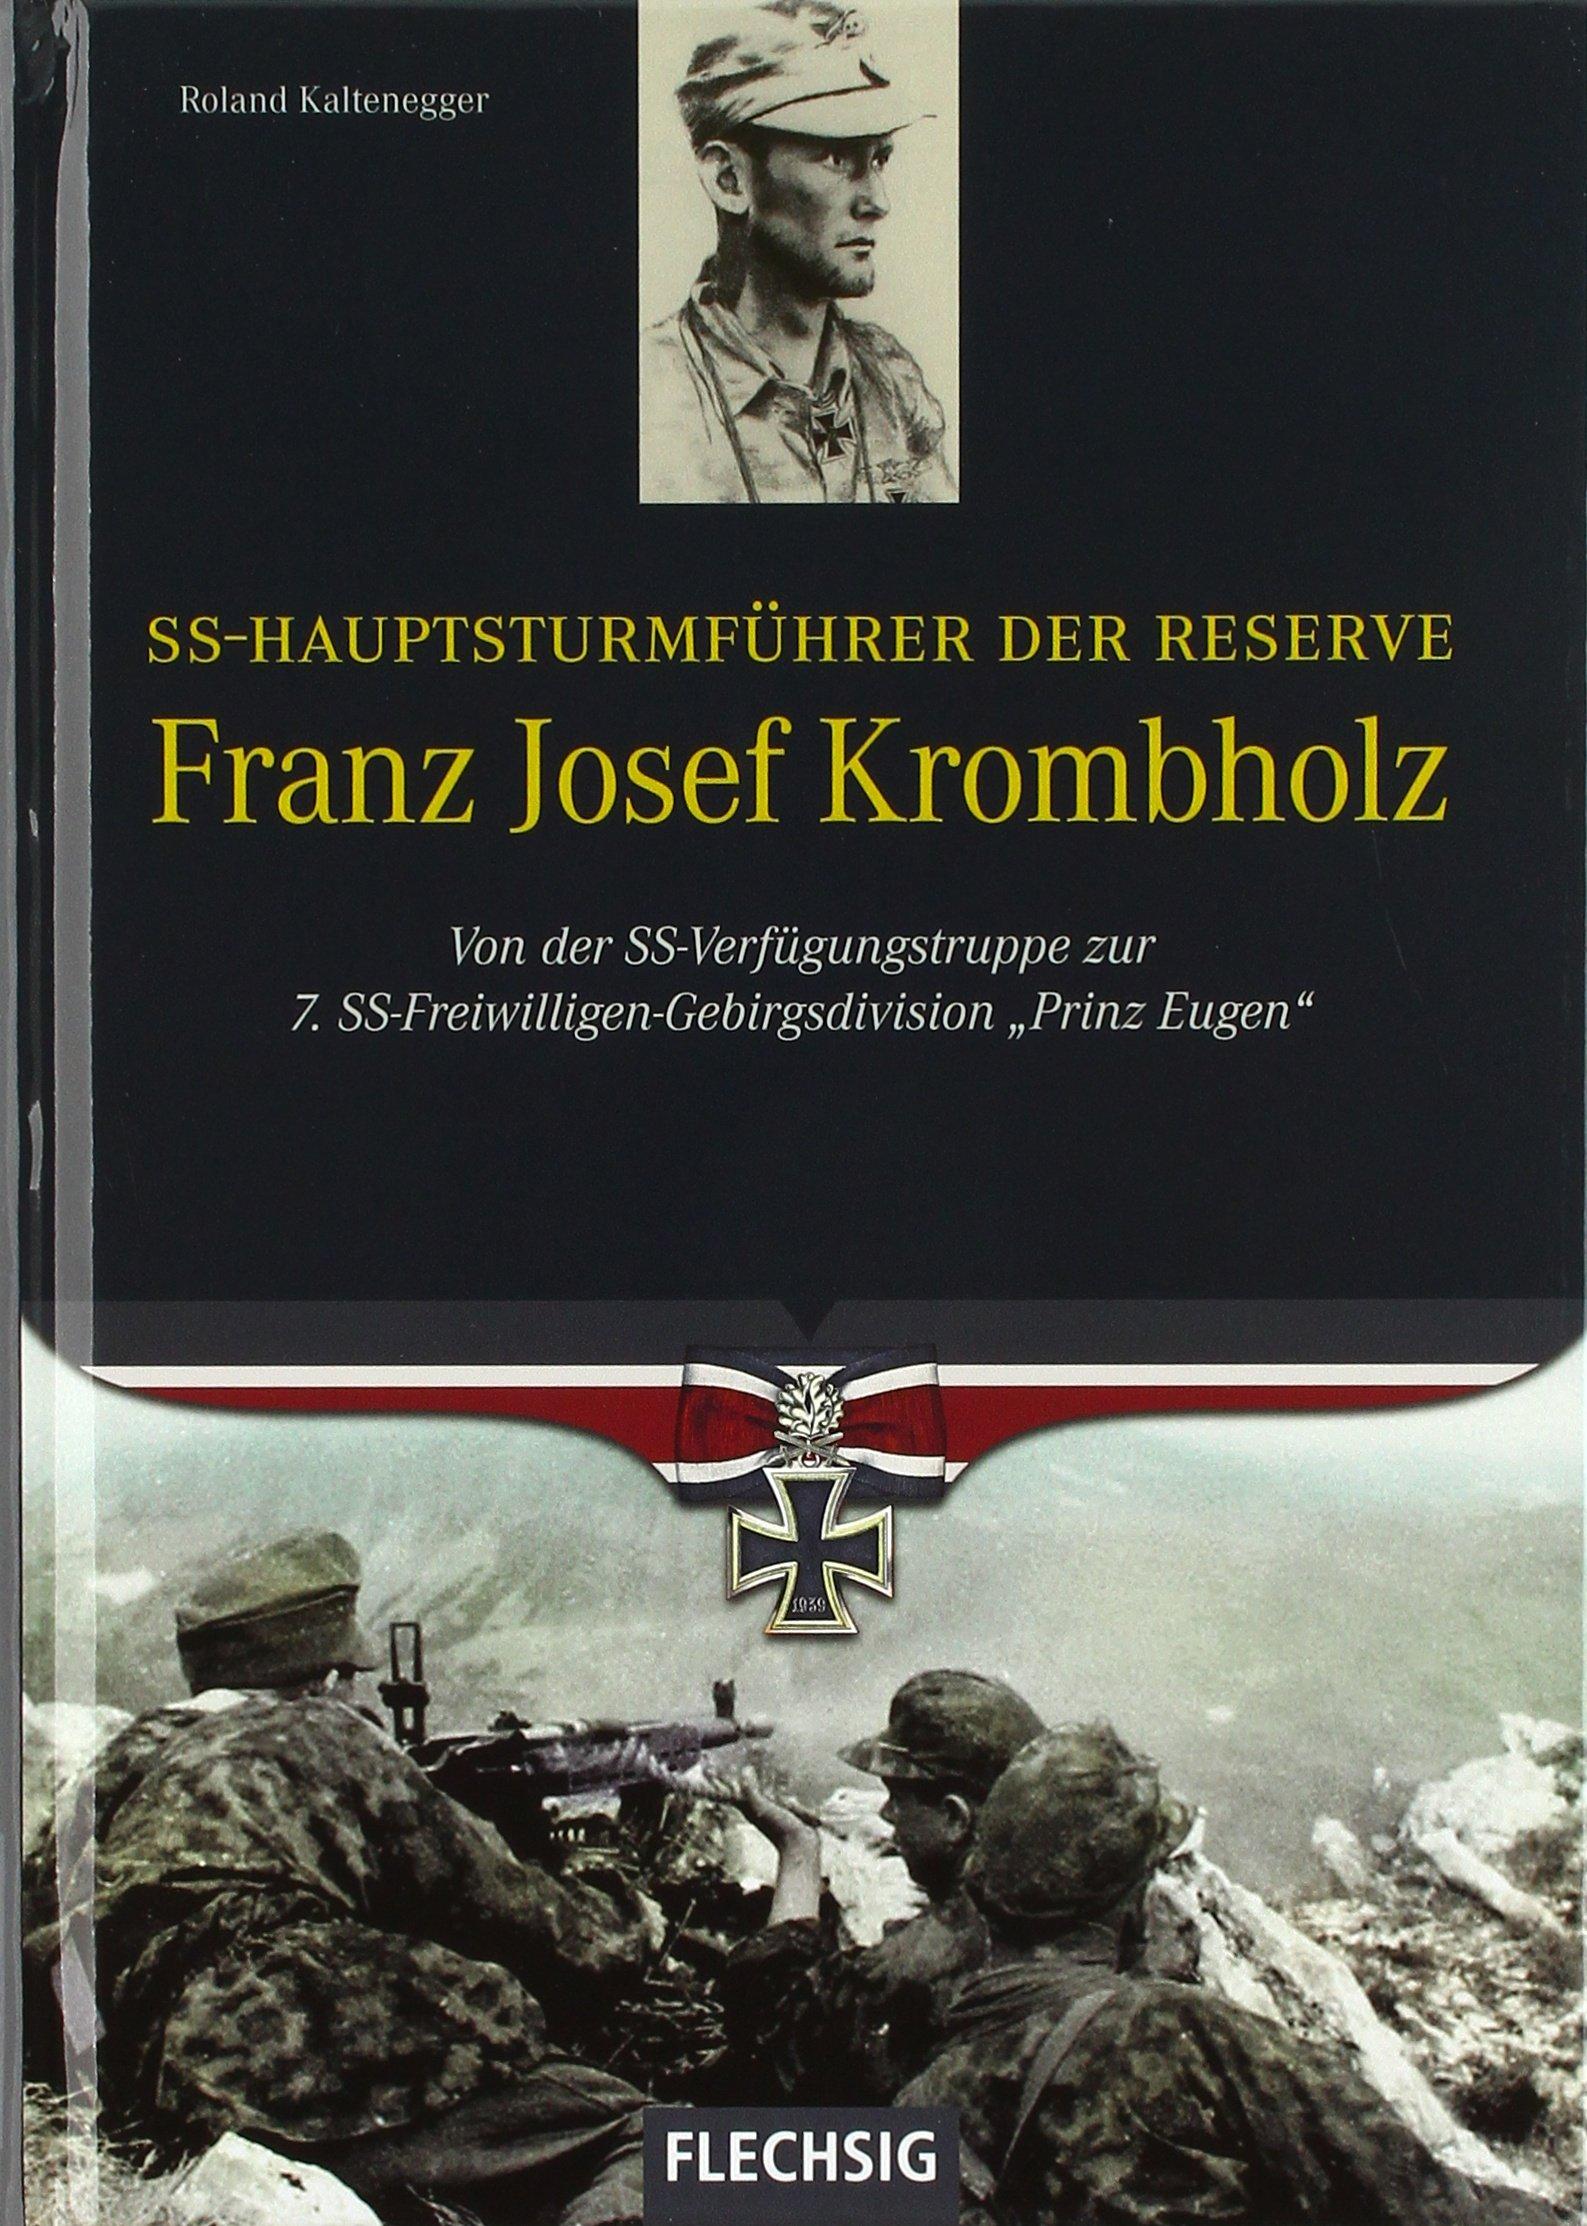 SS-Hauptsturmführer der Reserve Franz Josef Krombholz (Ritterkreuzträger)